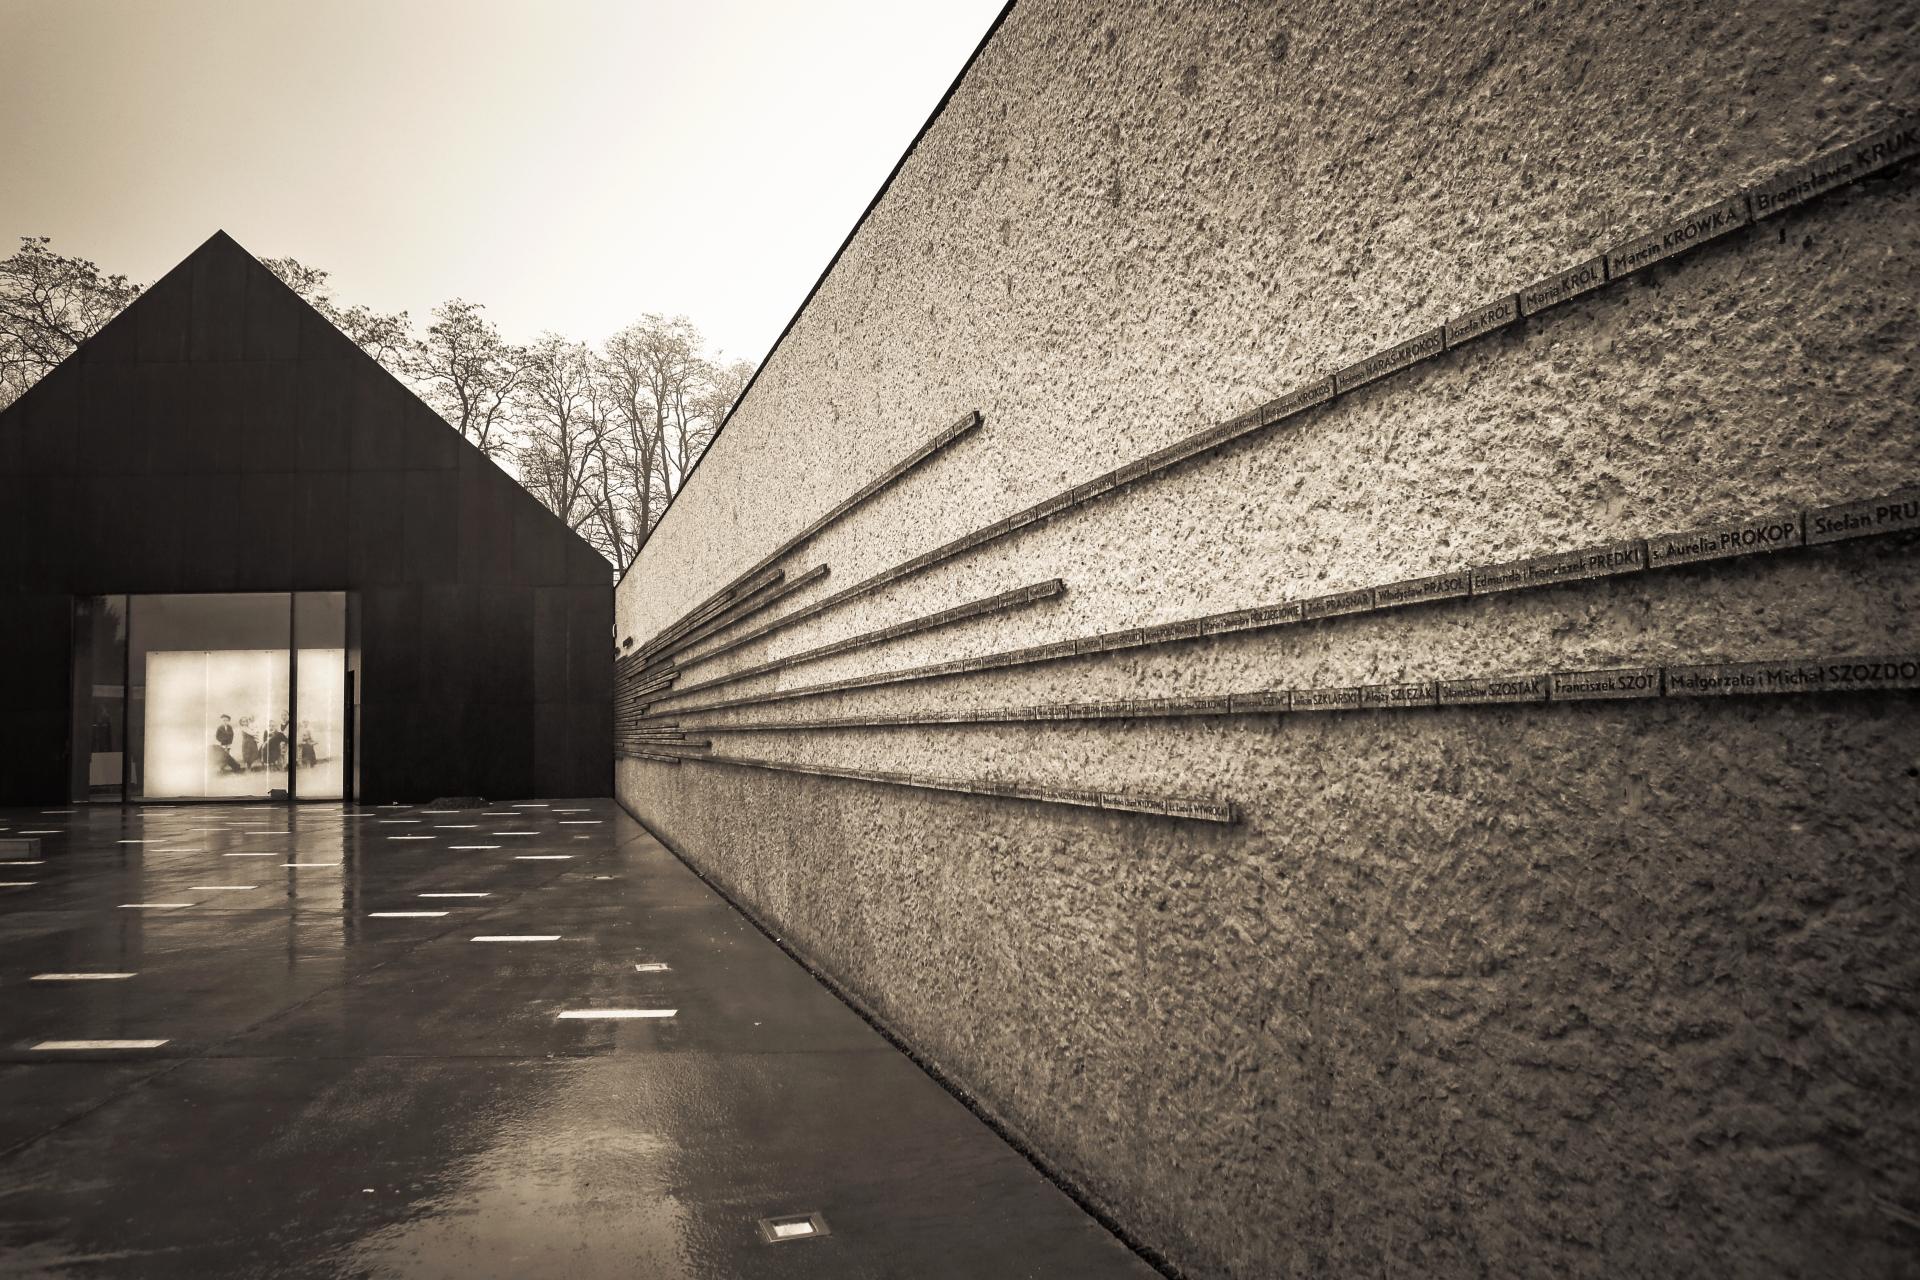 Muzeum Polaków Ratujących Żydów podczas II wojny światowej im. Rodziny Ulmów w Markowej, fot. eskar/MPRŻ